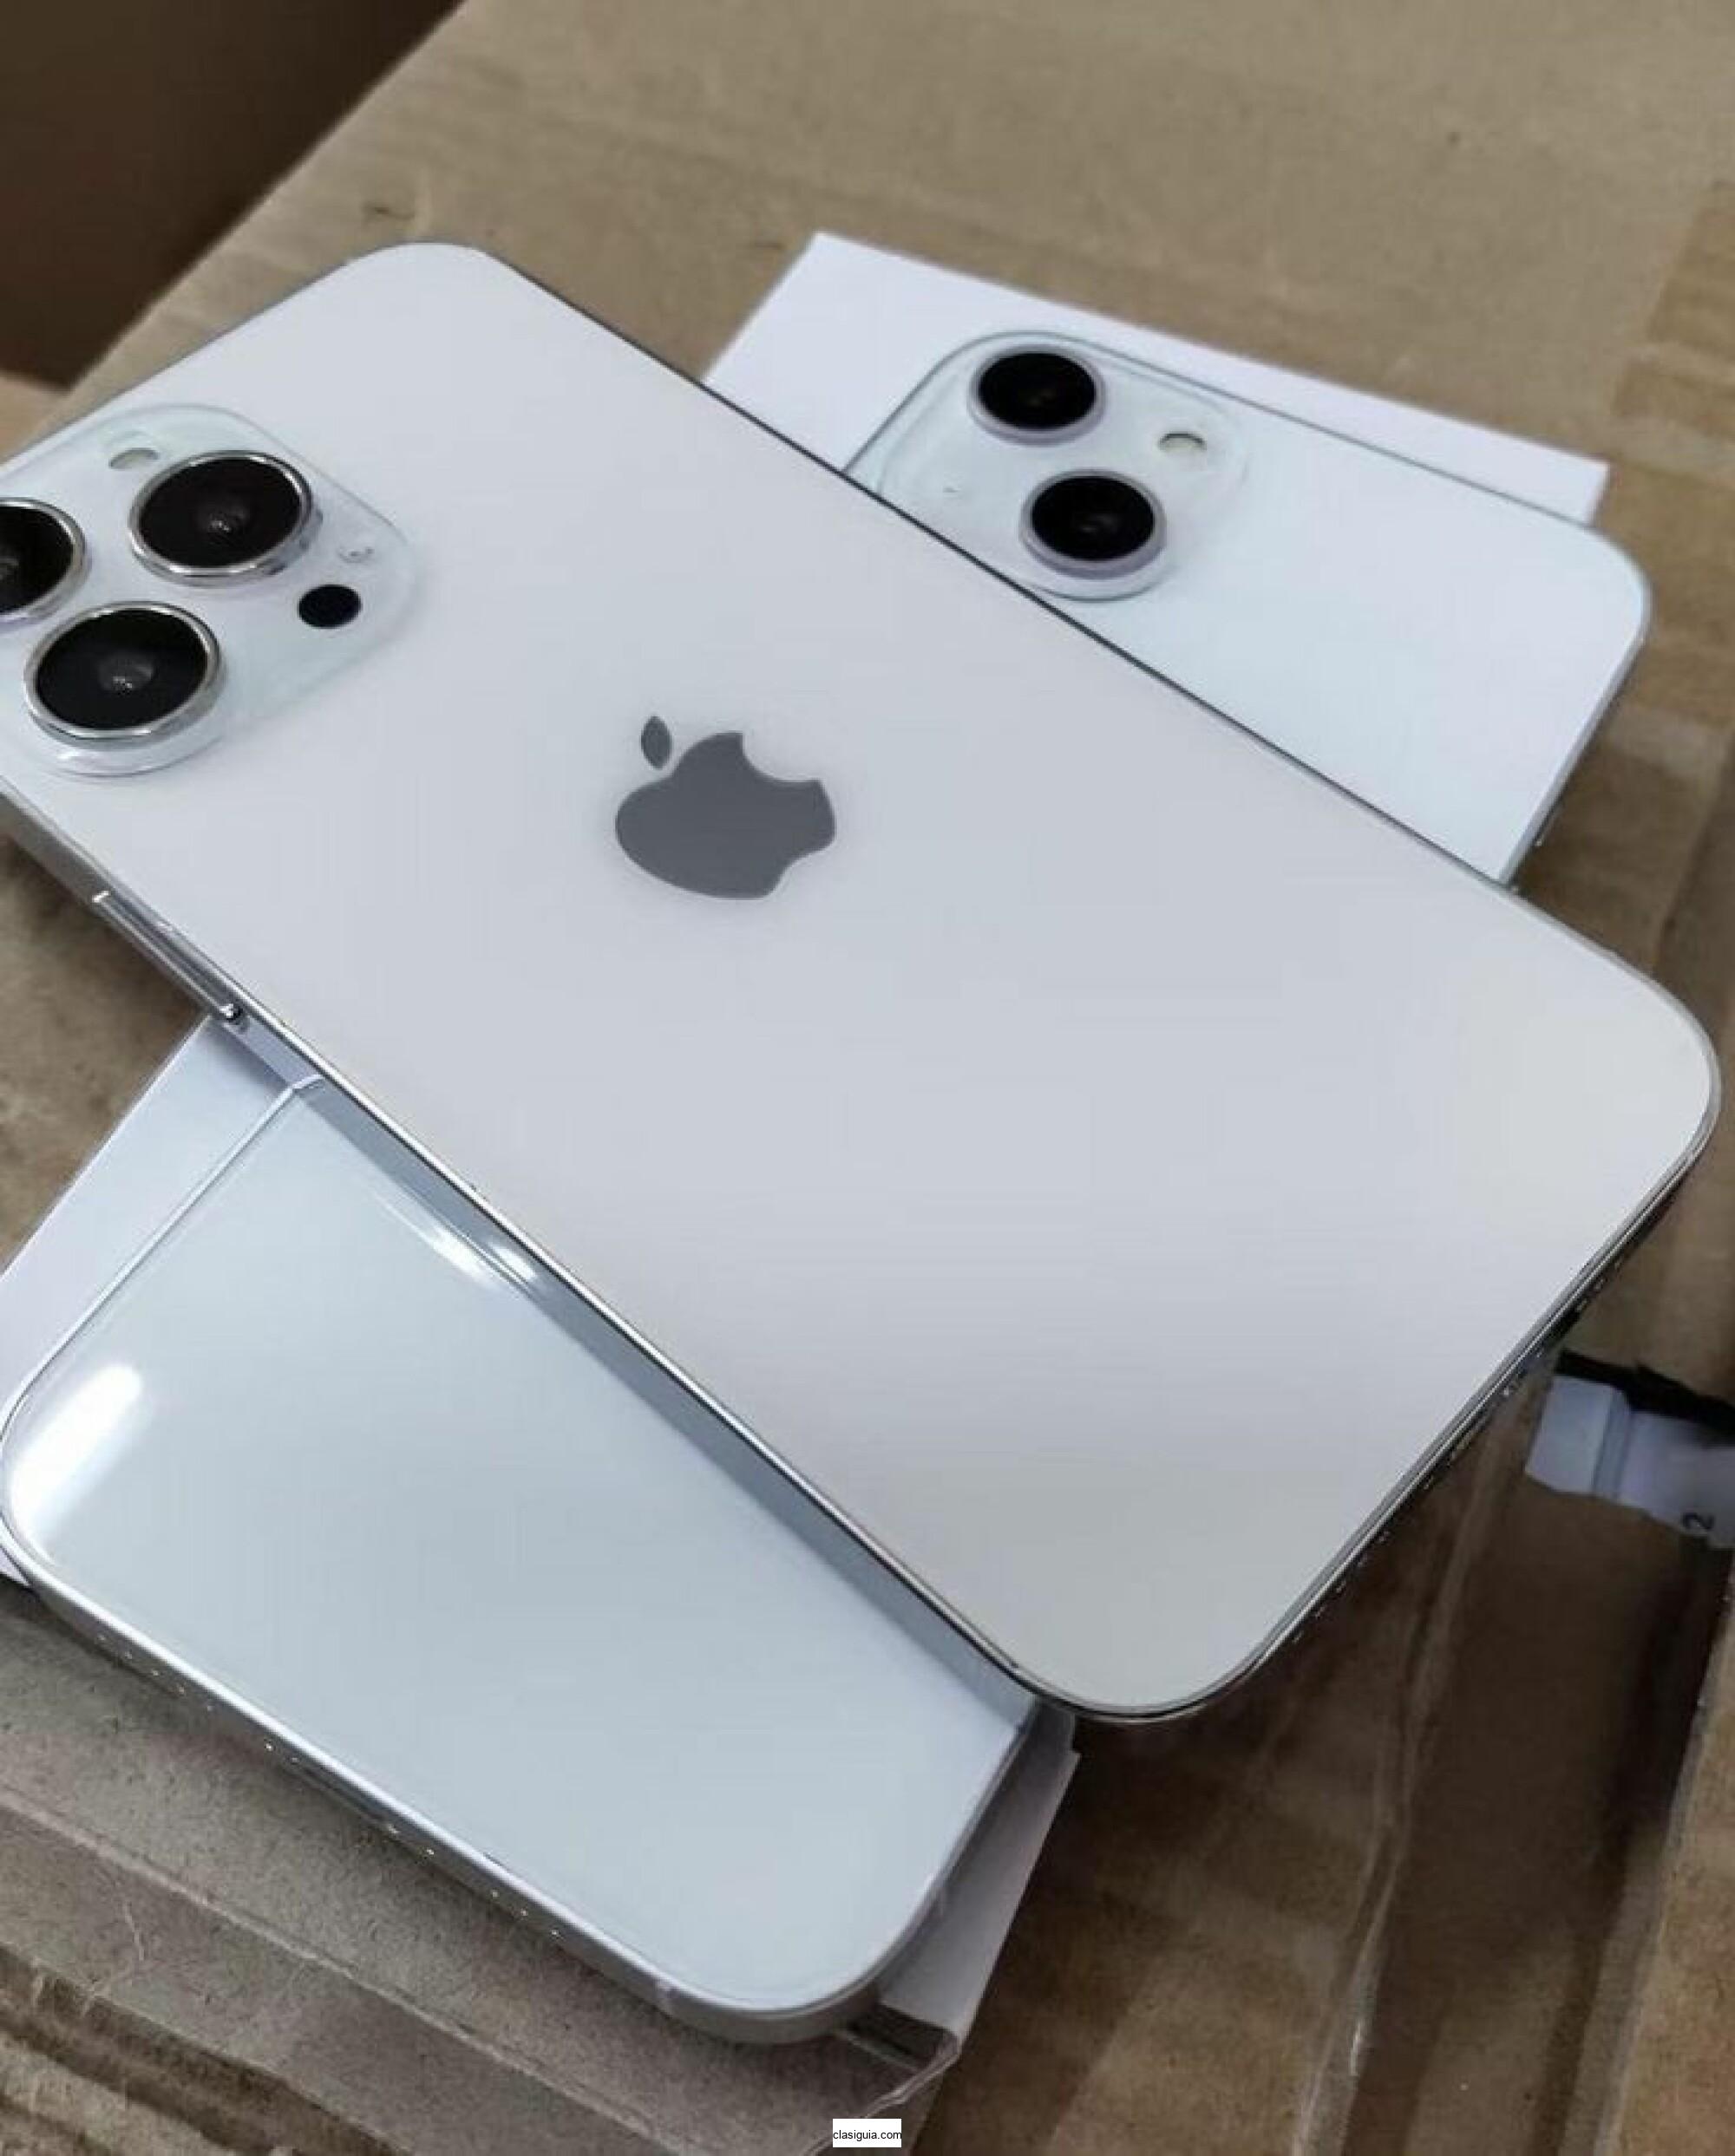 iPhone 12 / 12 pro max